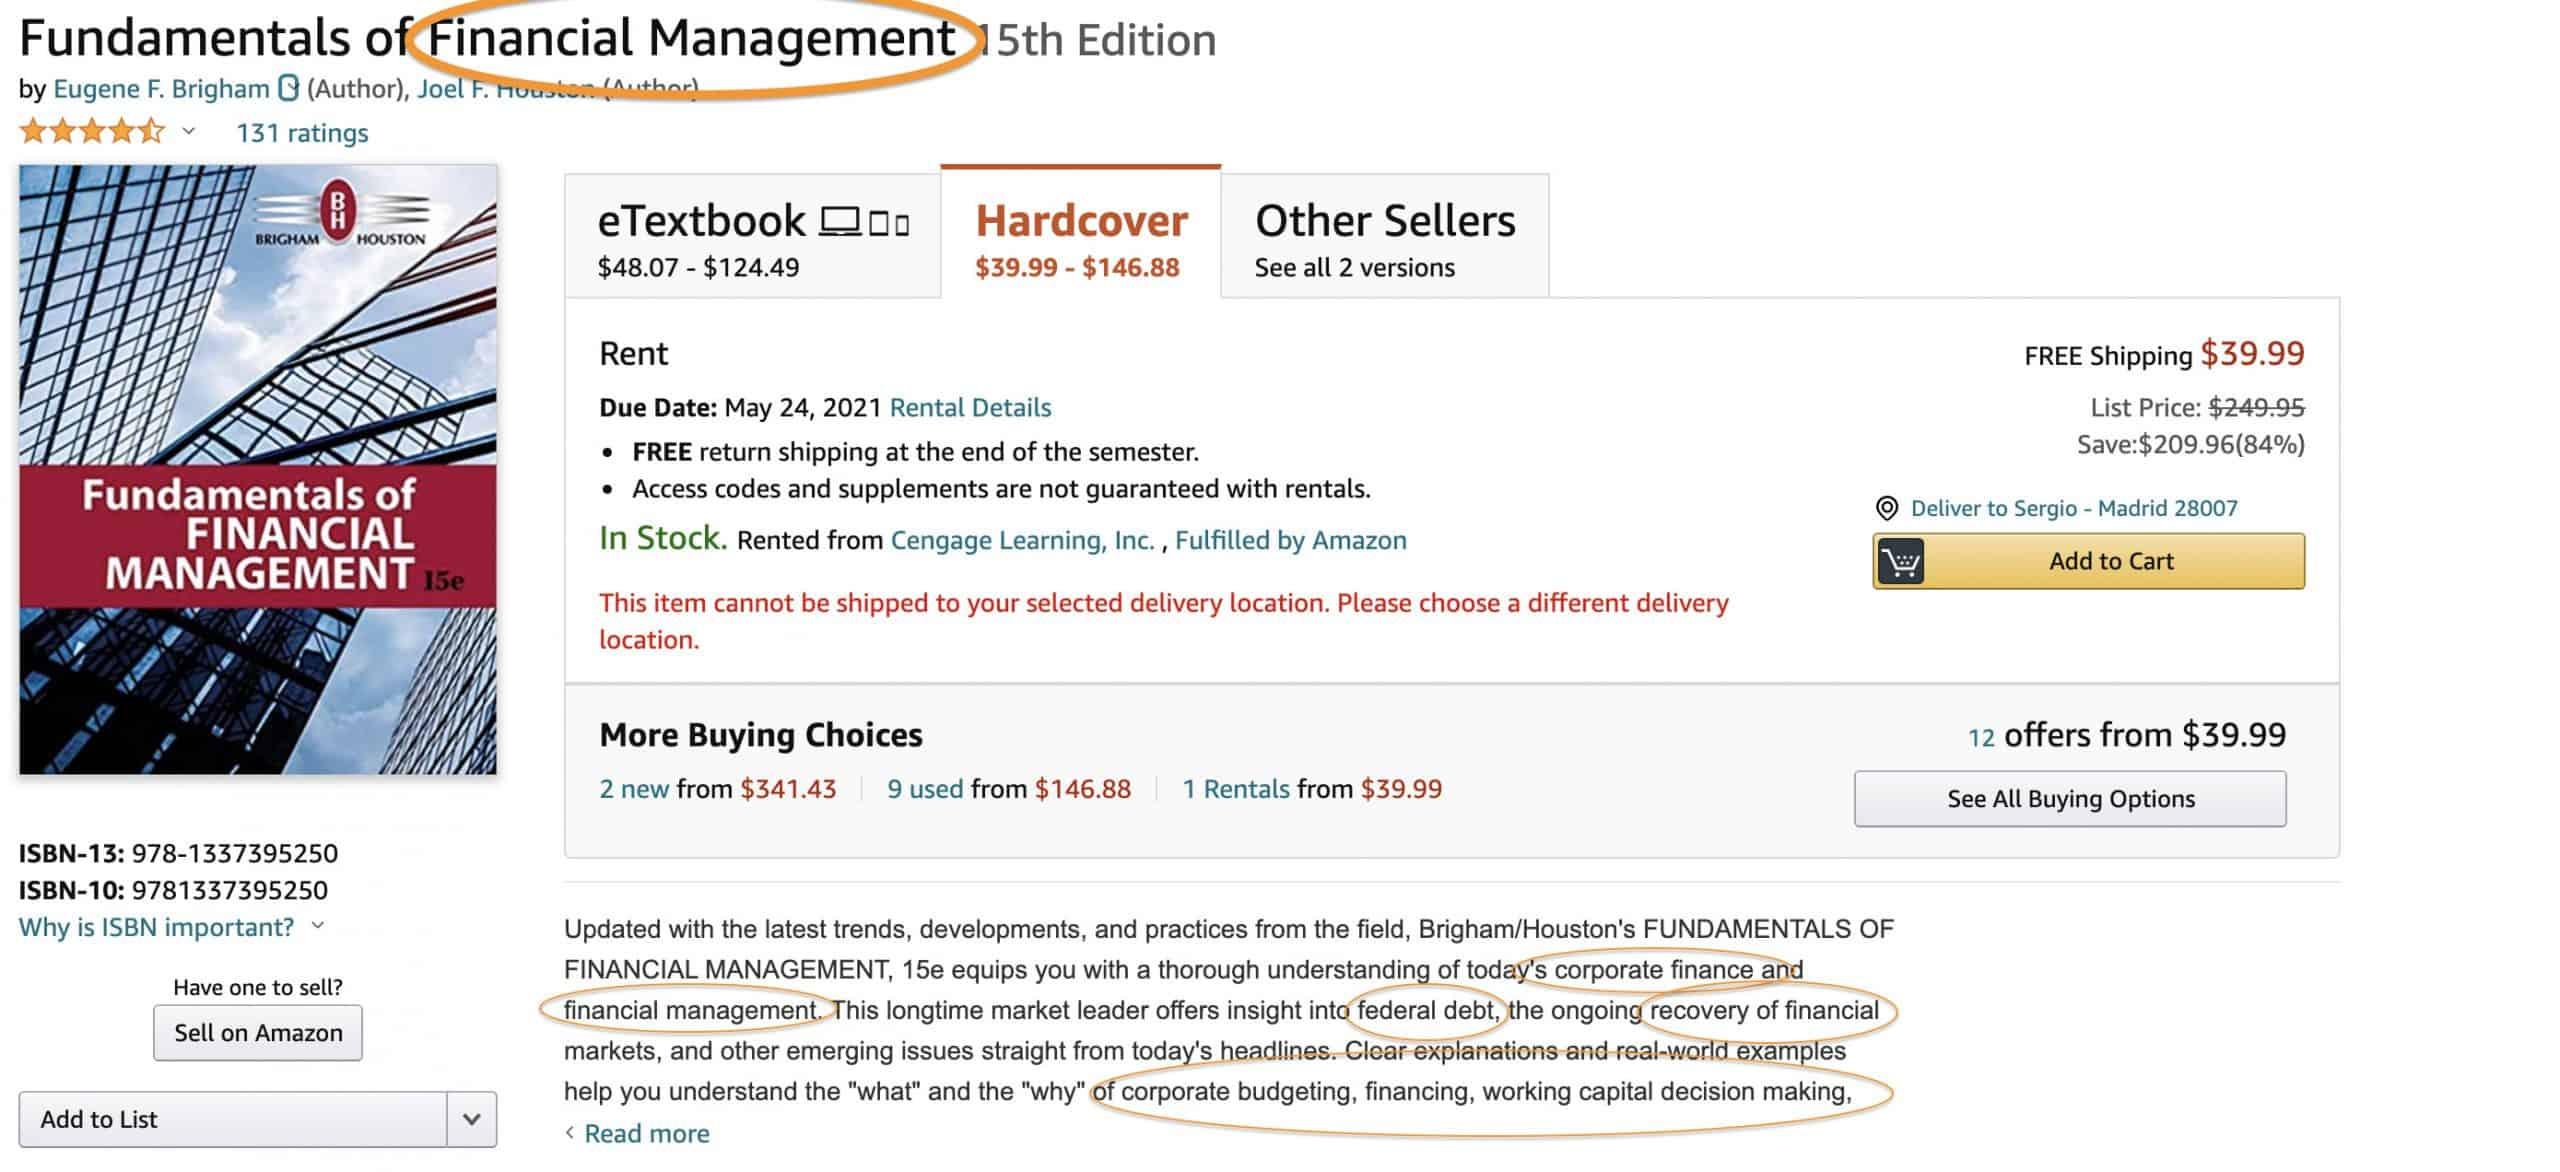 book description keywords